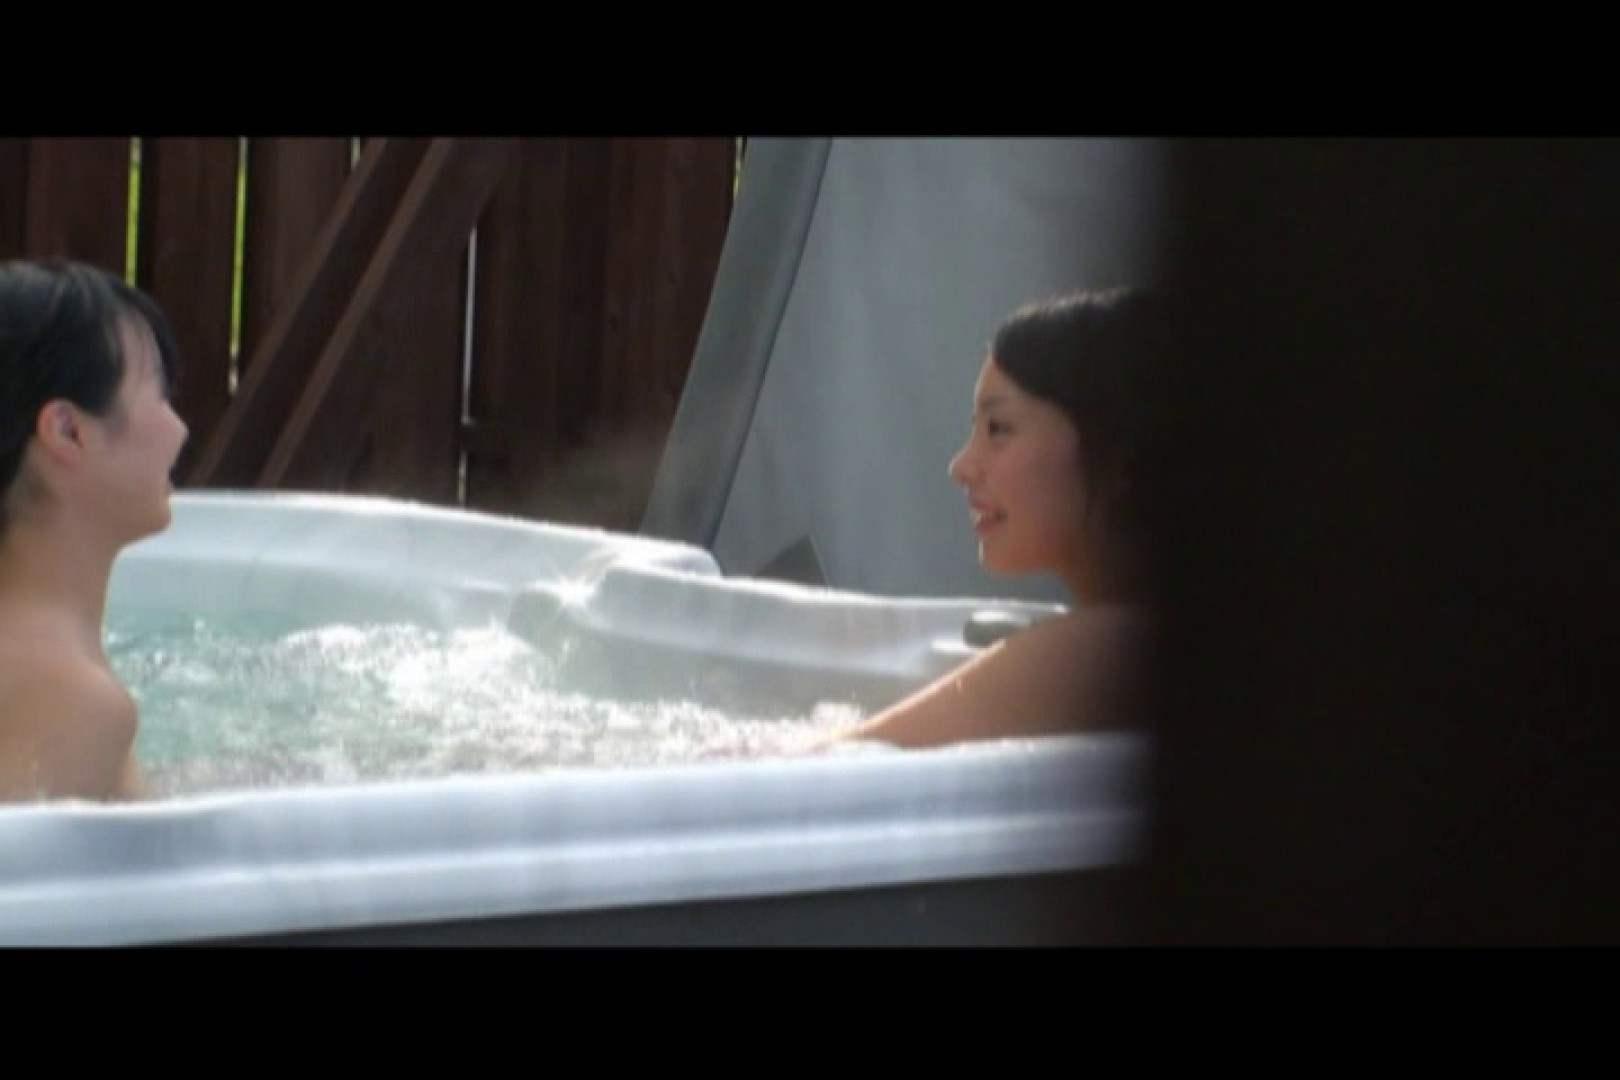 貸切露天 発情カップル! vol.07 露天風呂の女達   カップルのセックス  100連発 94